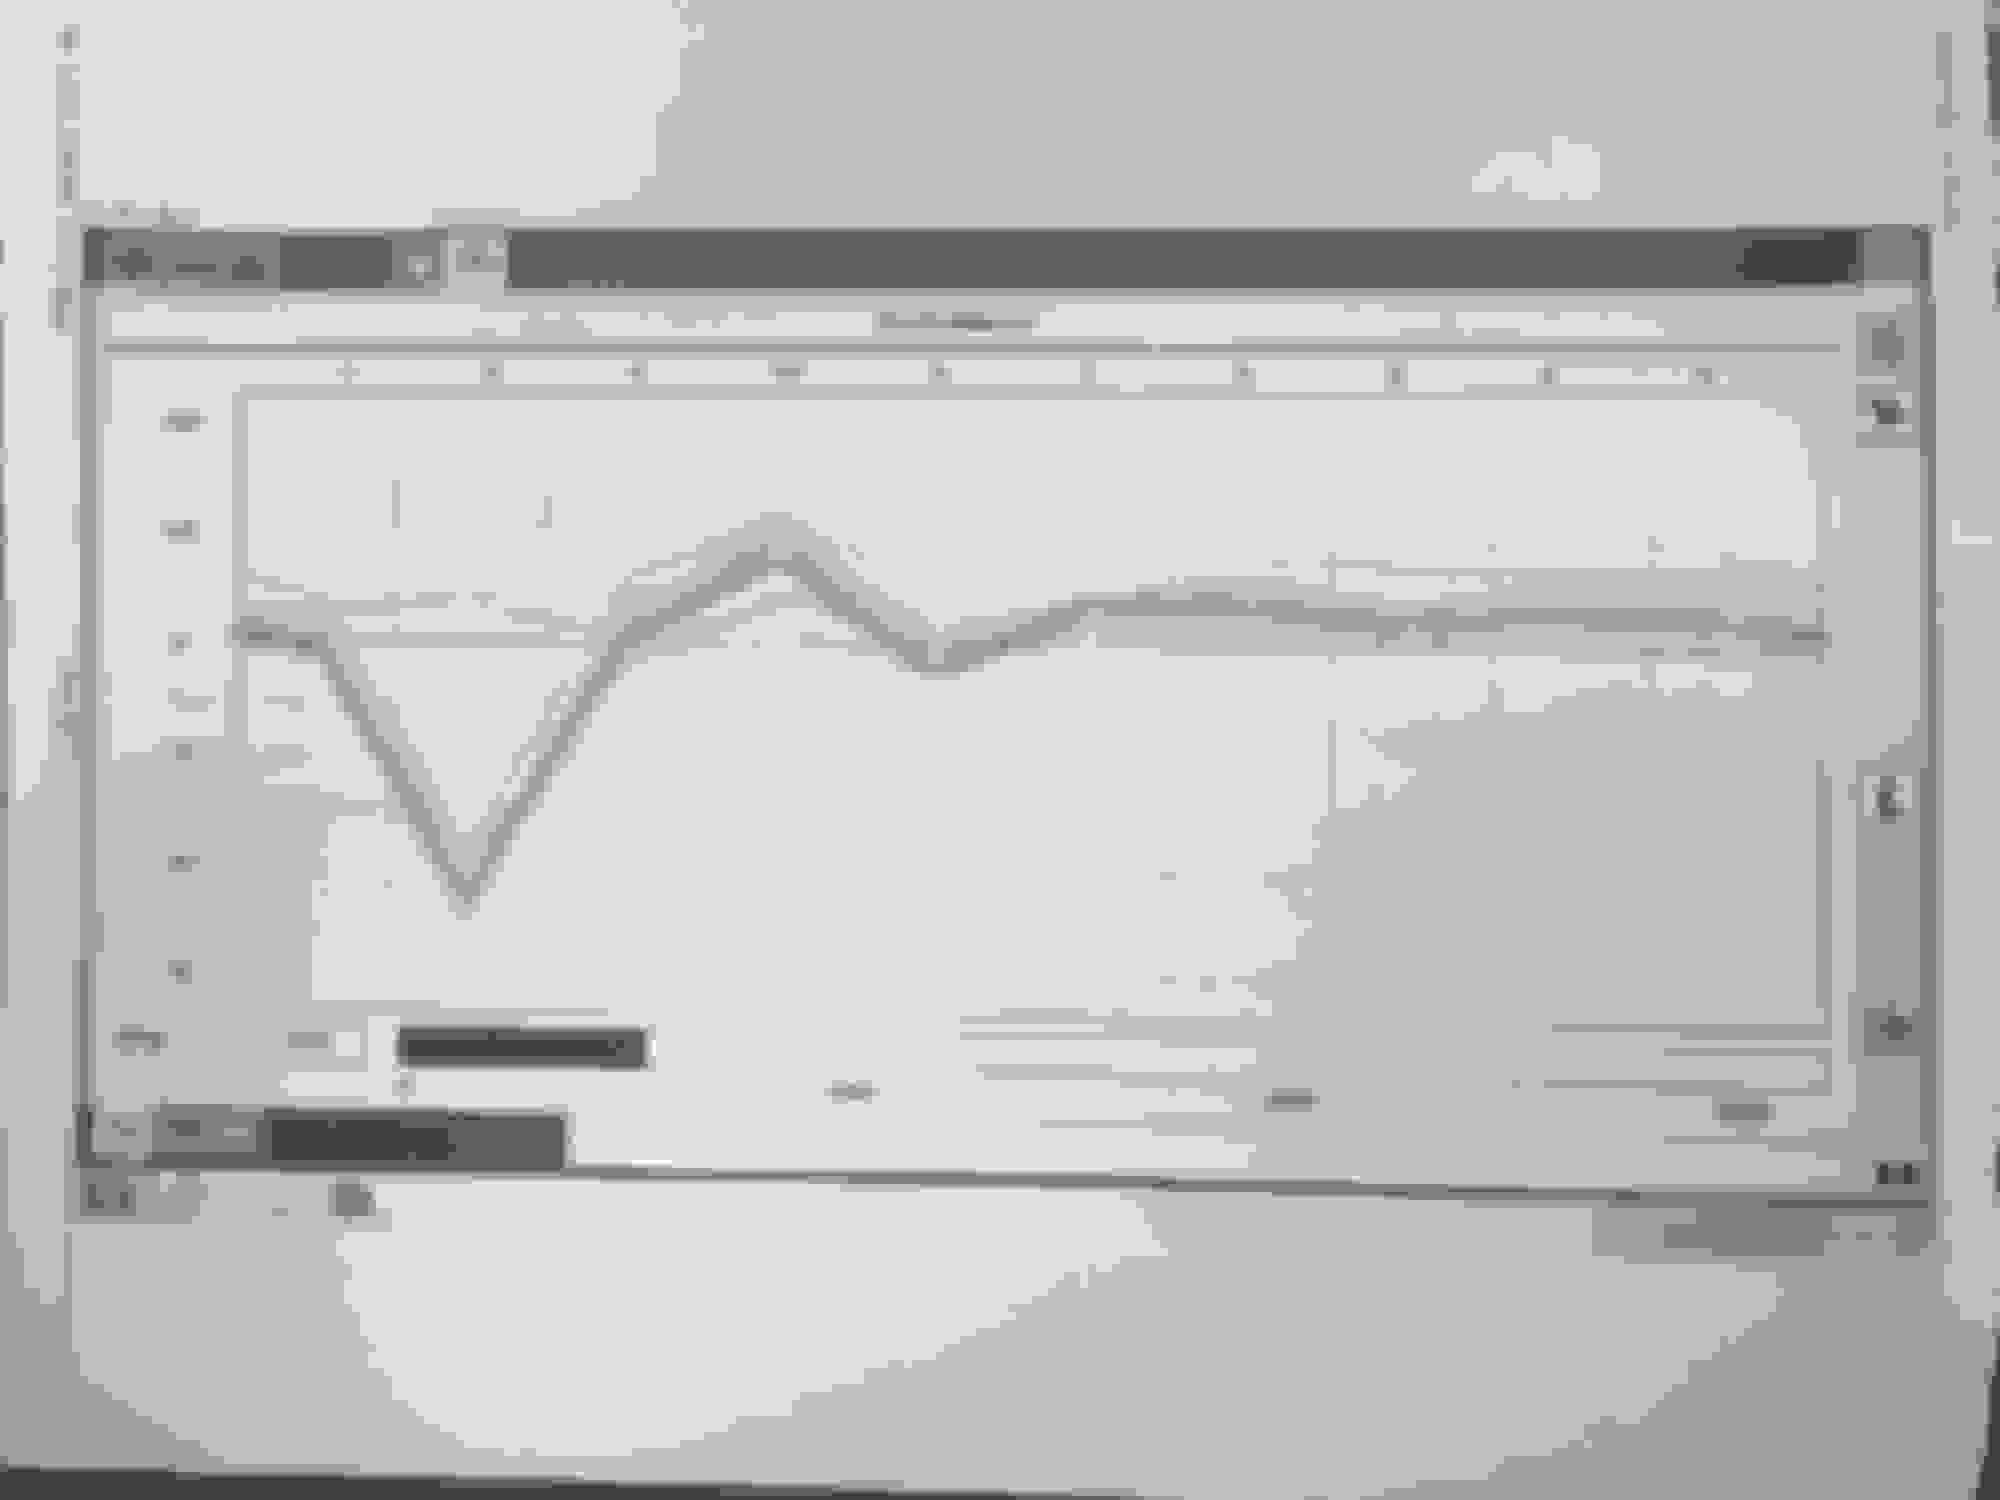 P0141 Oxygen Sensor Heater Circuit Malfunctionbank 1 2 Pictures